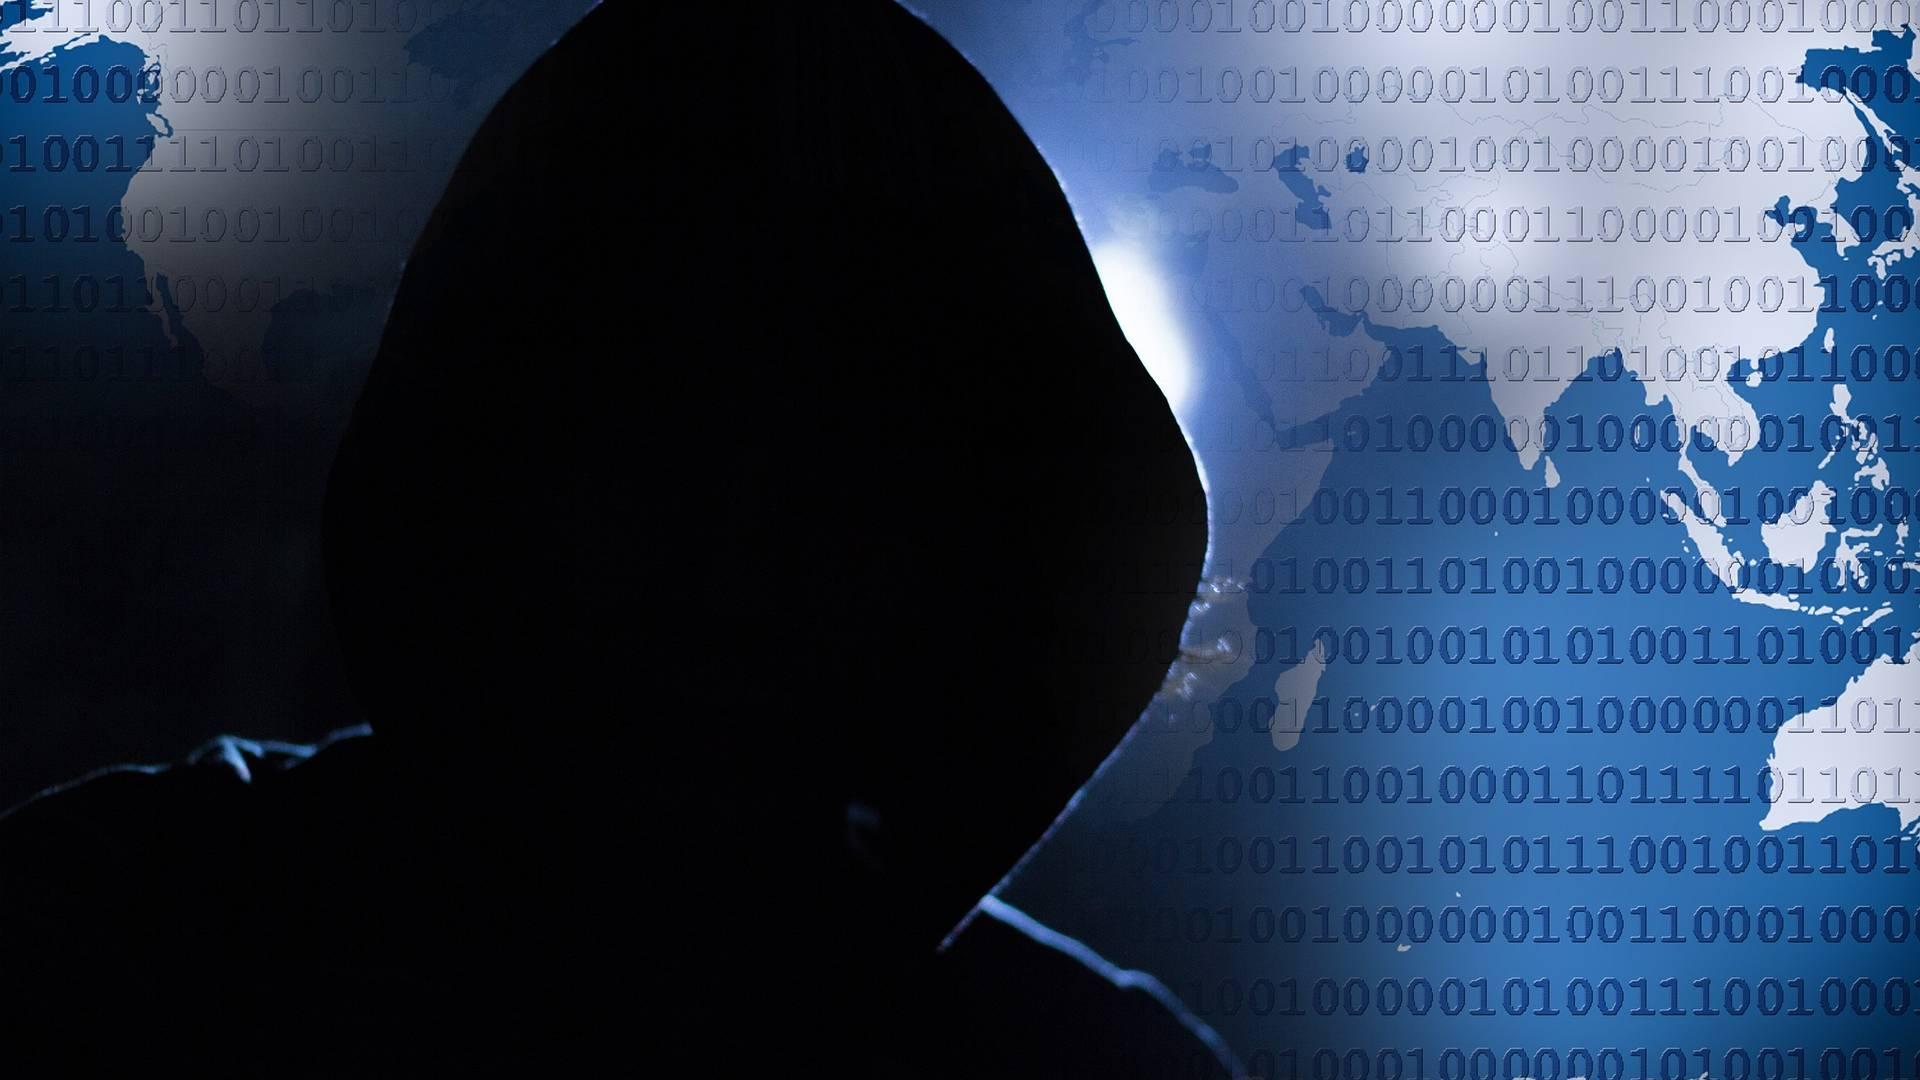 China führt aktuelle Cyber-Attacke aus